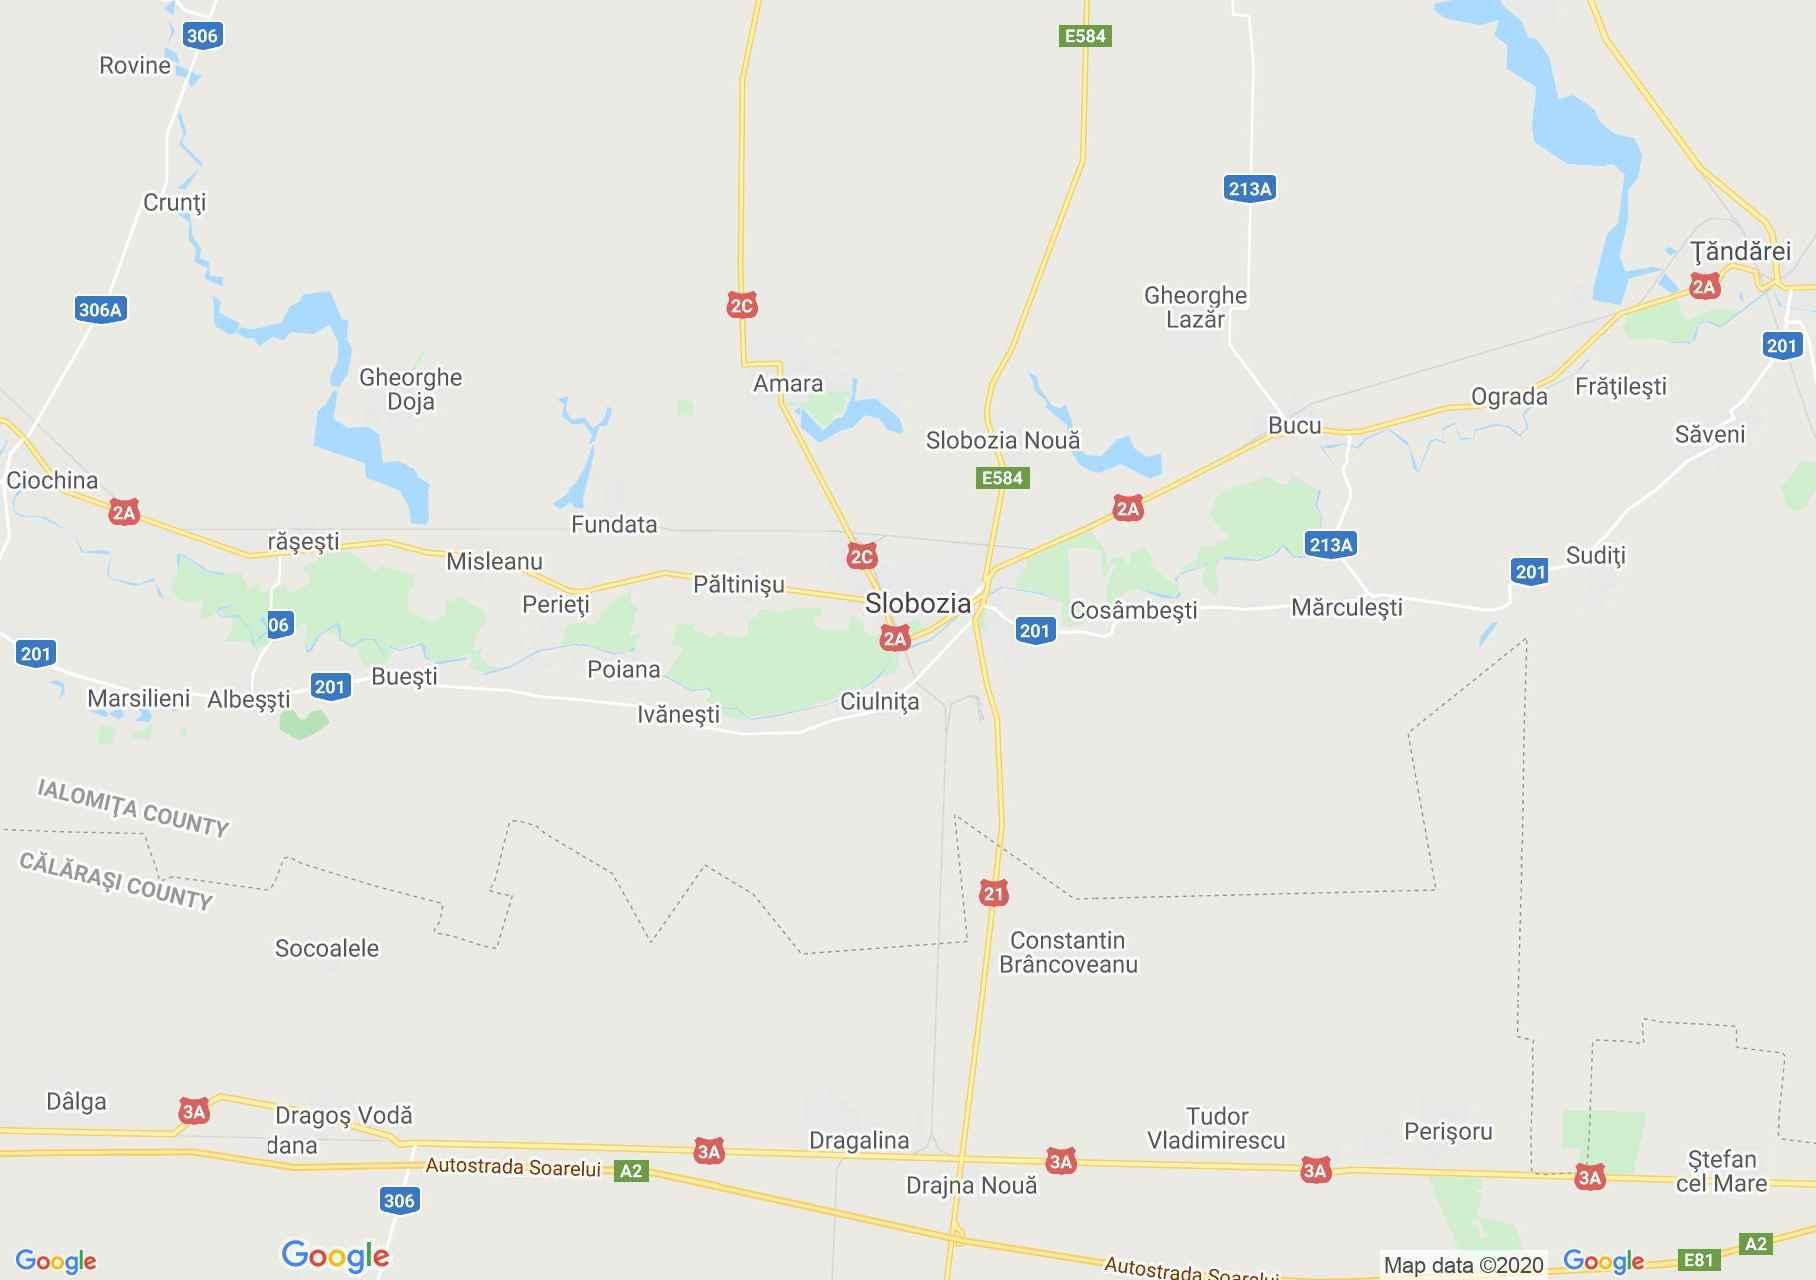 Zona Slobozia, Harta turistică interactivă